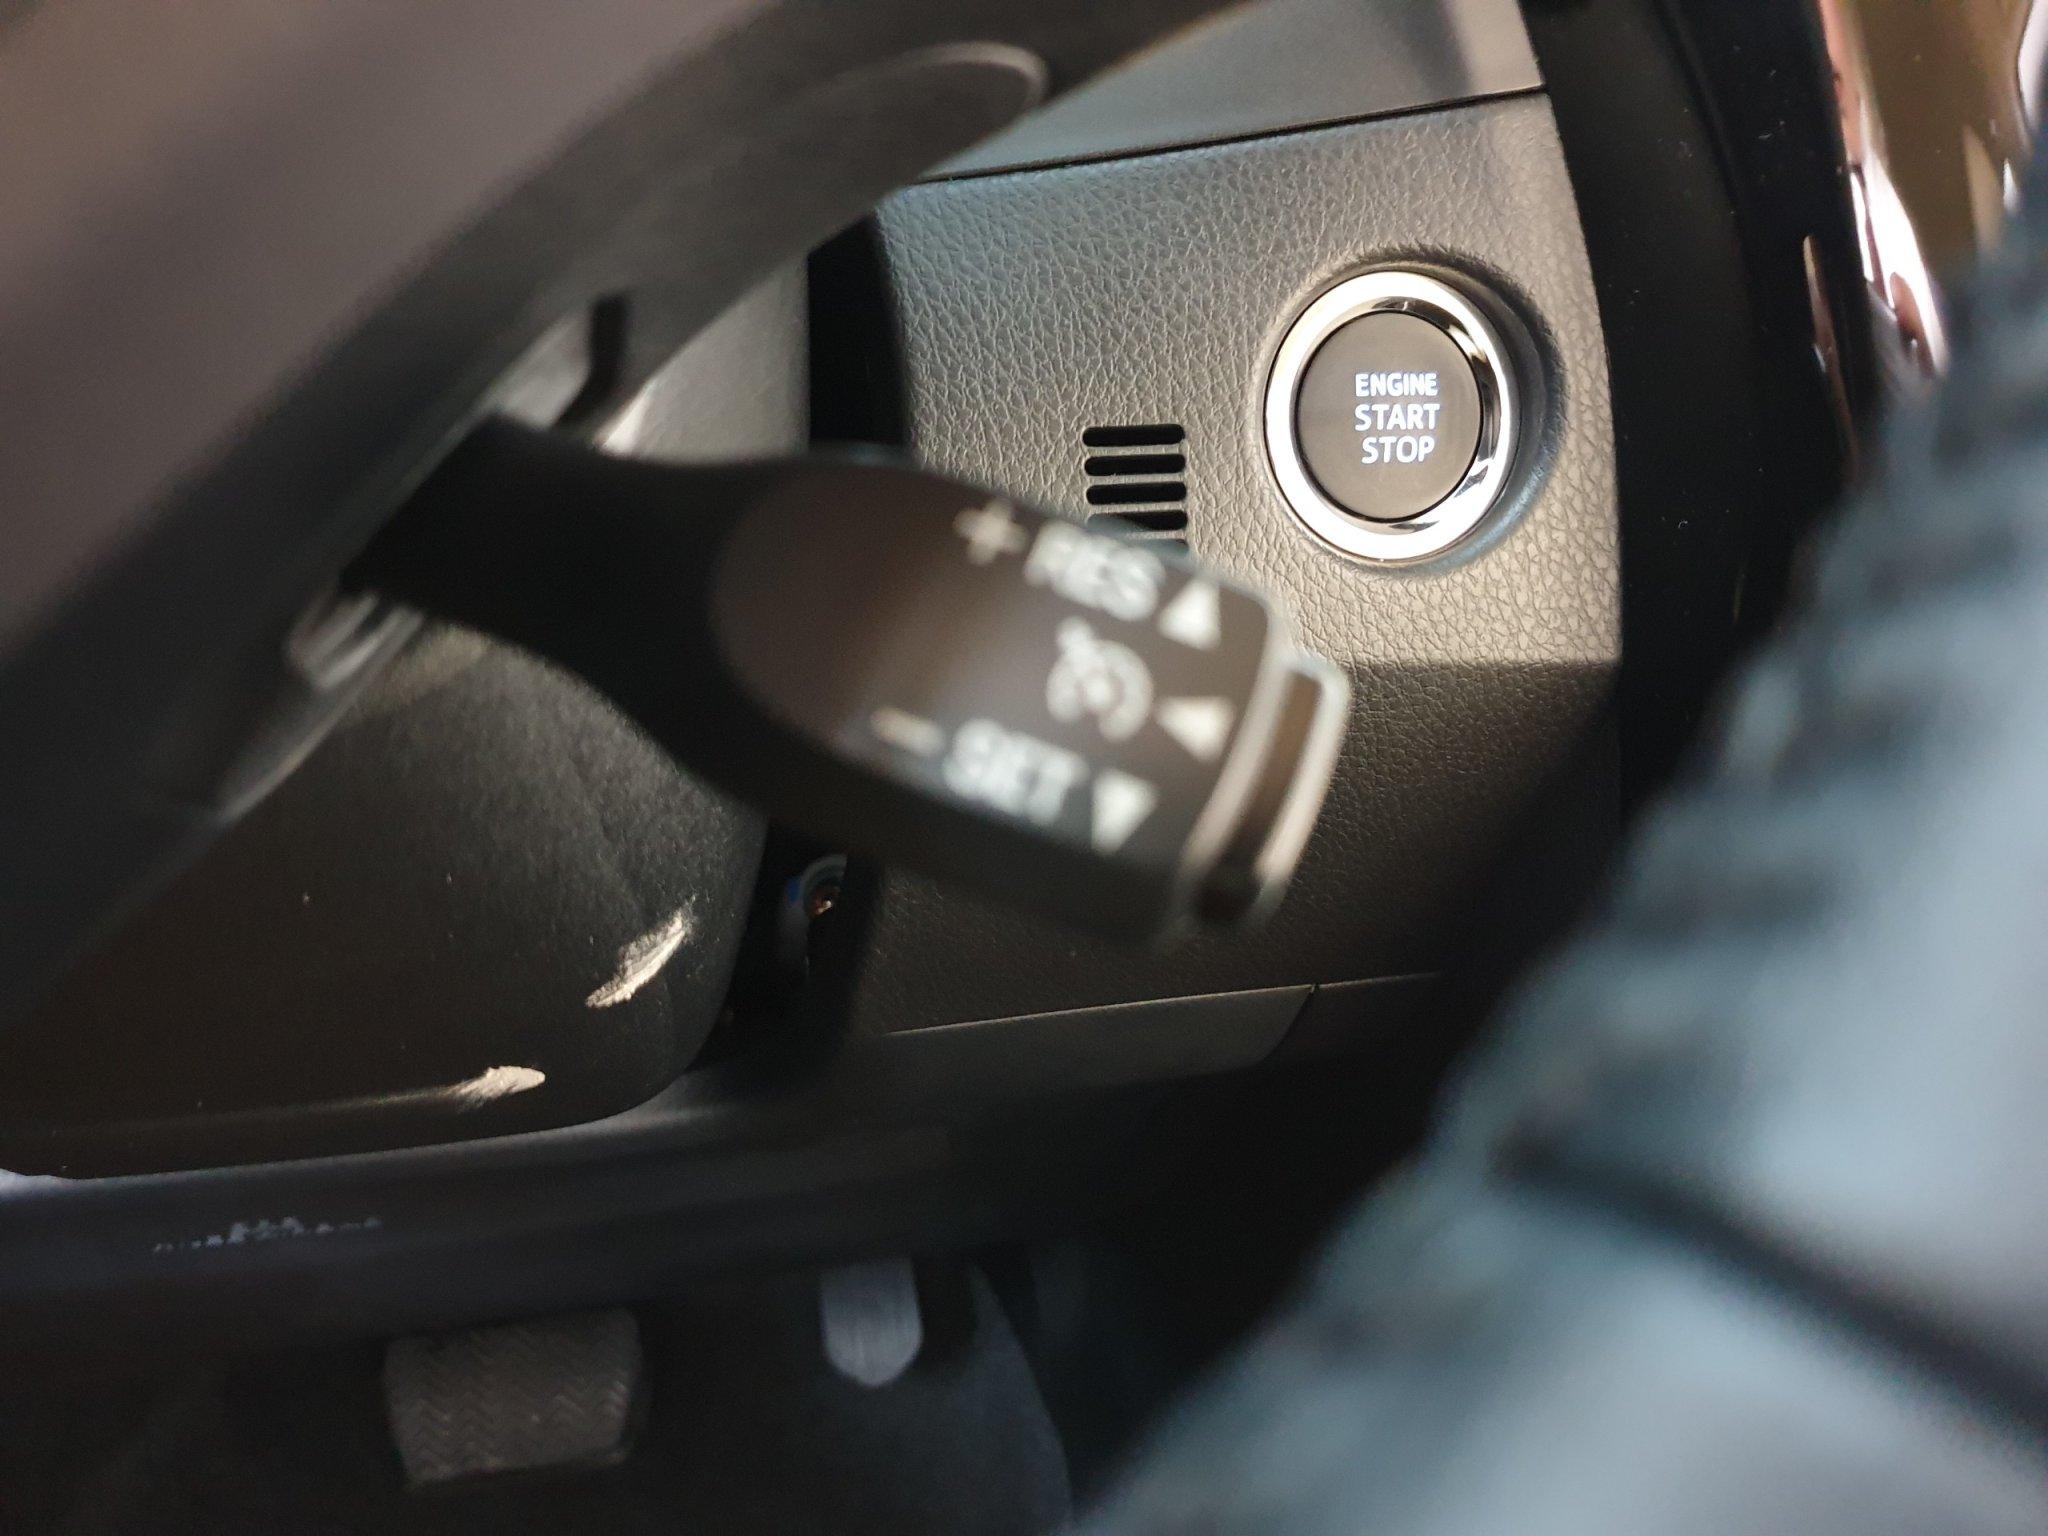 Altis 1.8 G CVT ảnh 17 - Altis 2.0 Luxury [hienthinam]: khuyến mãi và giá xe cập nhật mới